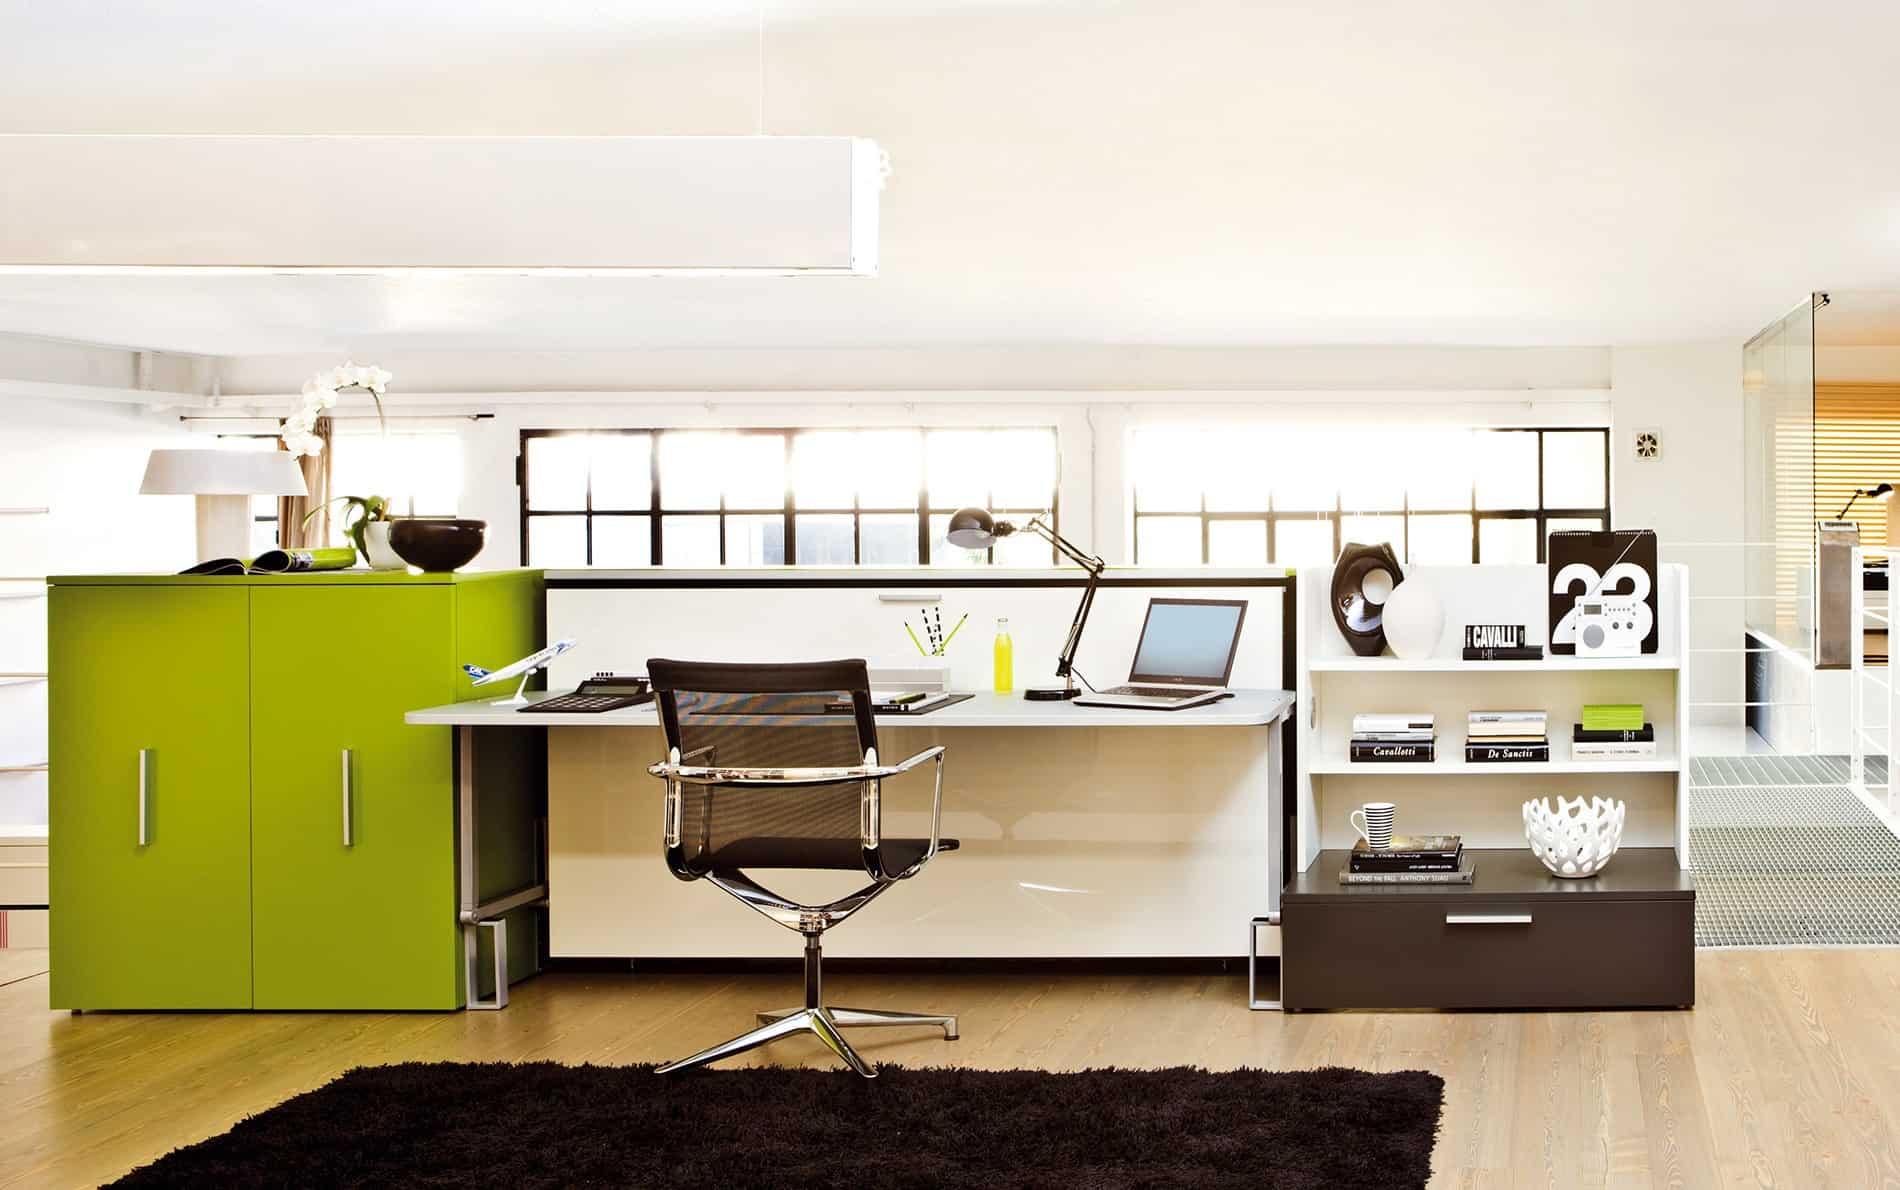 clei schrankbett mit tisch designer schrankbett mit tisch. Black Bedroom Furniture Sets. Home Design Ideas